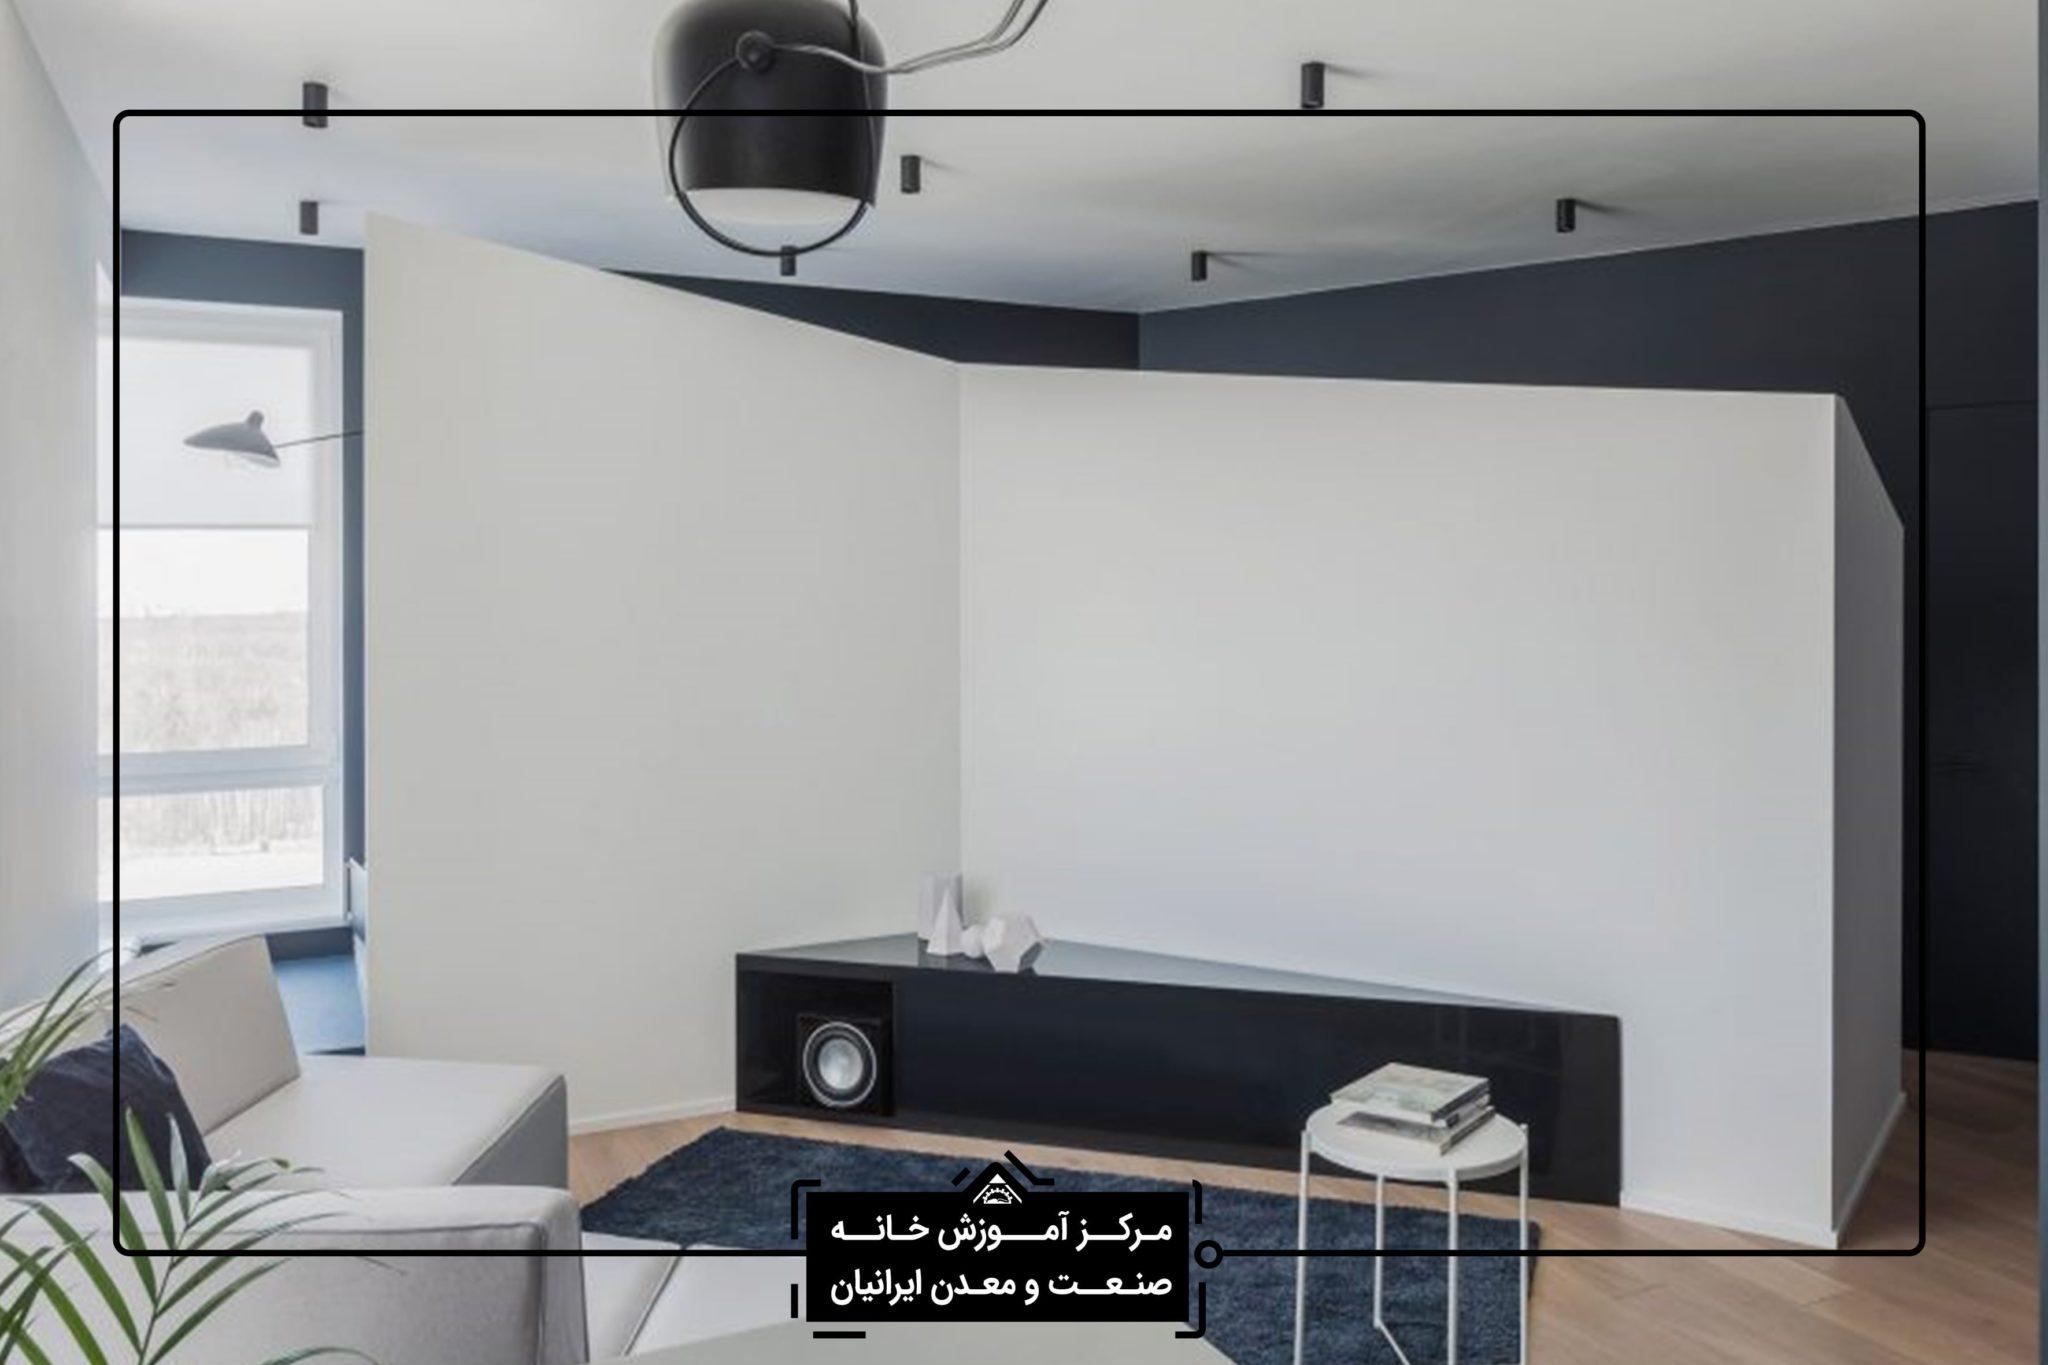 معماری در شیراز - کلاس طراحی دکوراسیون داخلی شیراز |interior design